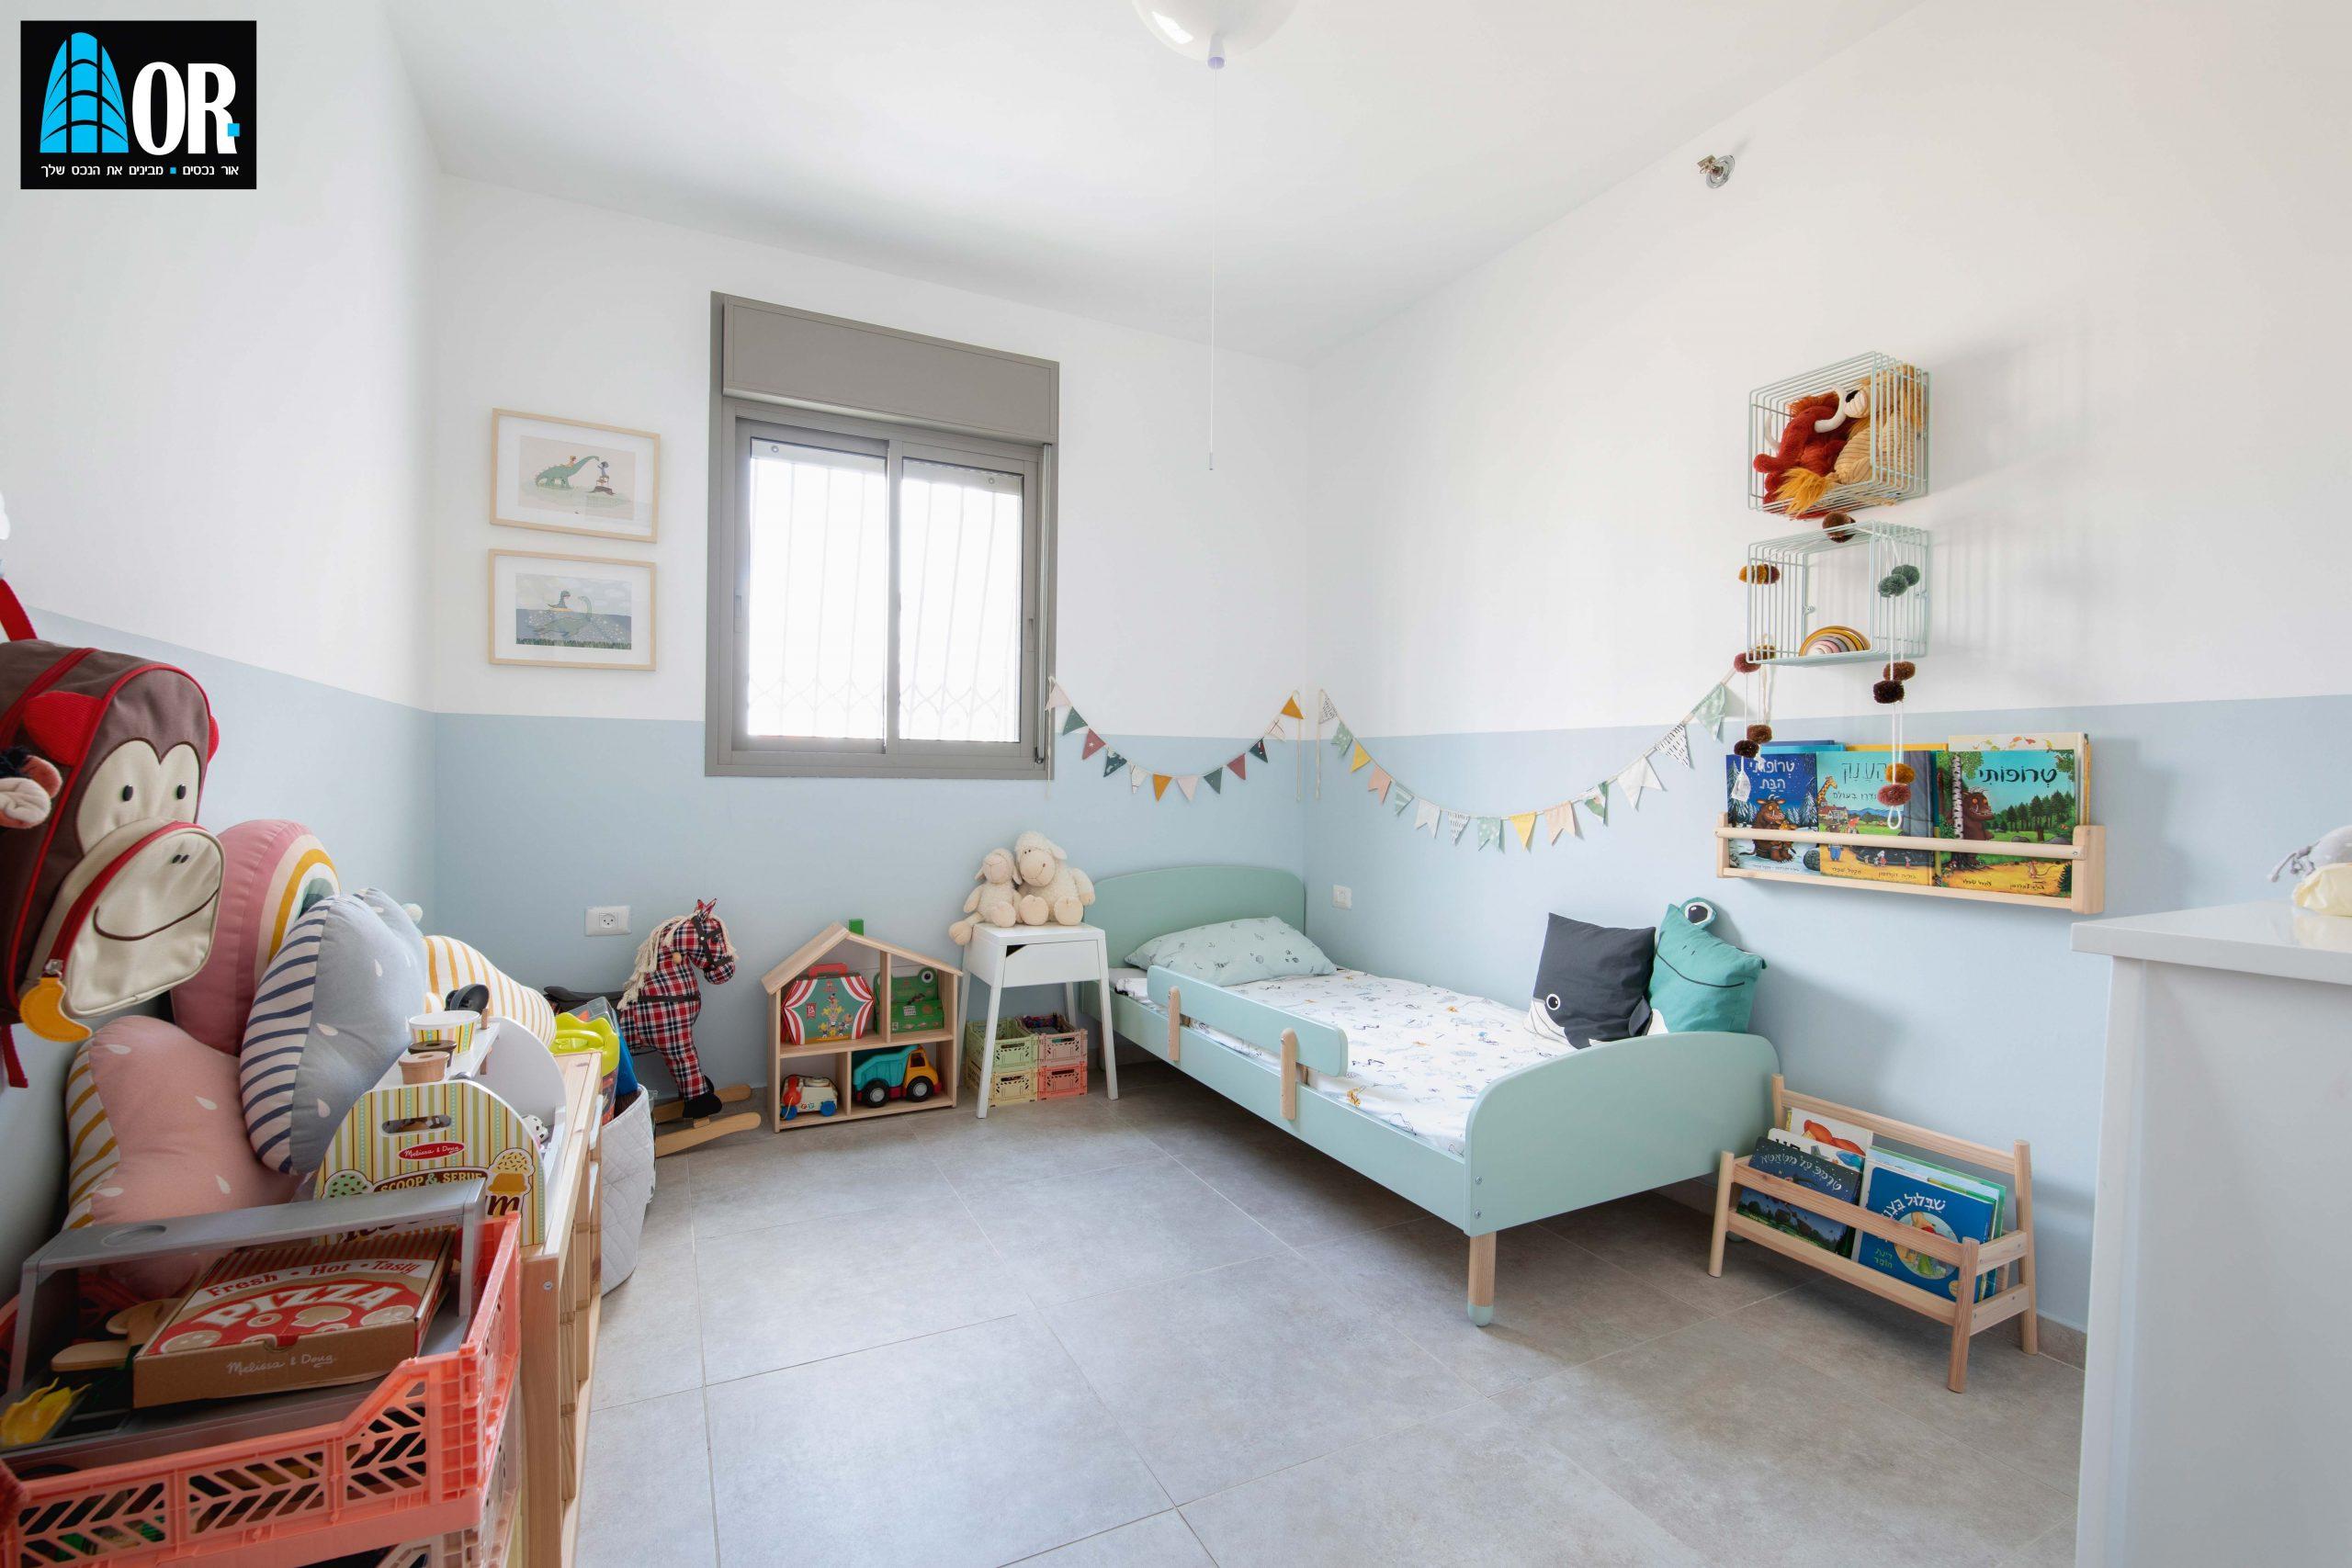 חדר ילדים 4 חדרים, שכונה צמרות